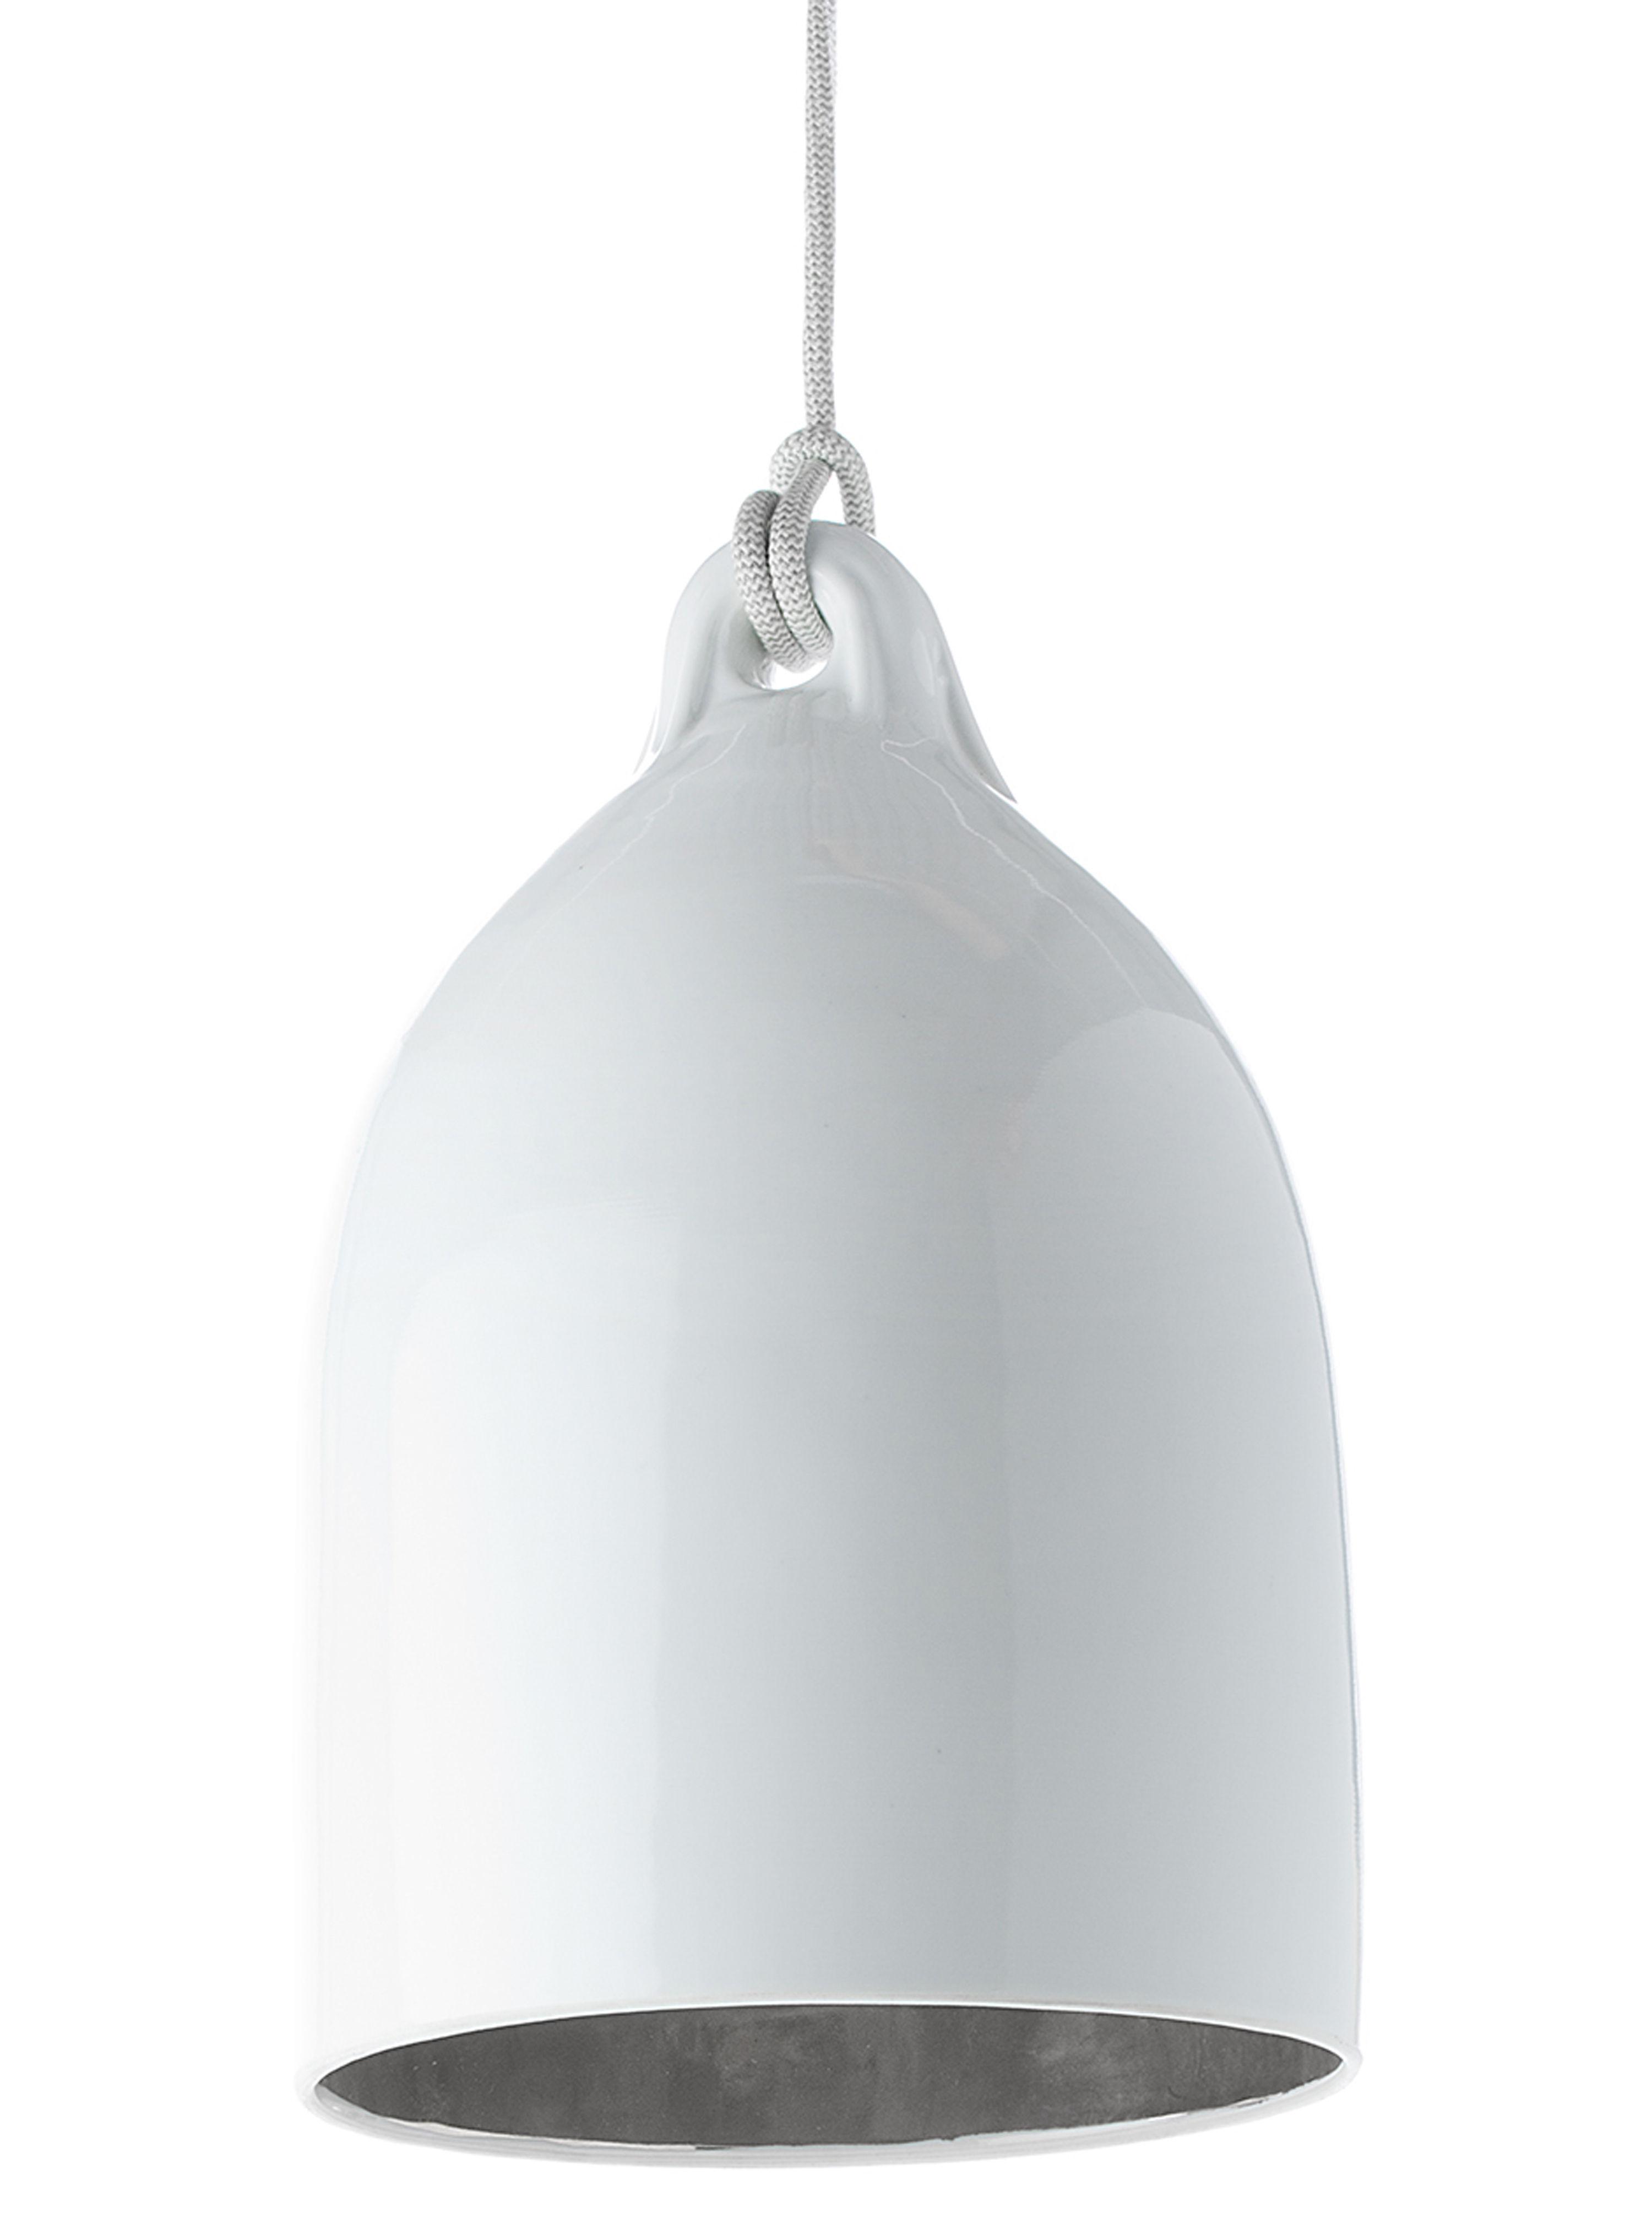 Leuchten - Pendelleuchten - Bufferlamp Pendelleuchte Limited Edition Silber - Pols Potten - Weiß glänzend - innen silber - Porzellan